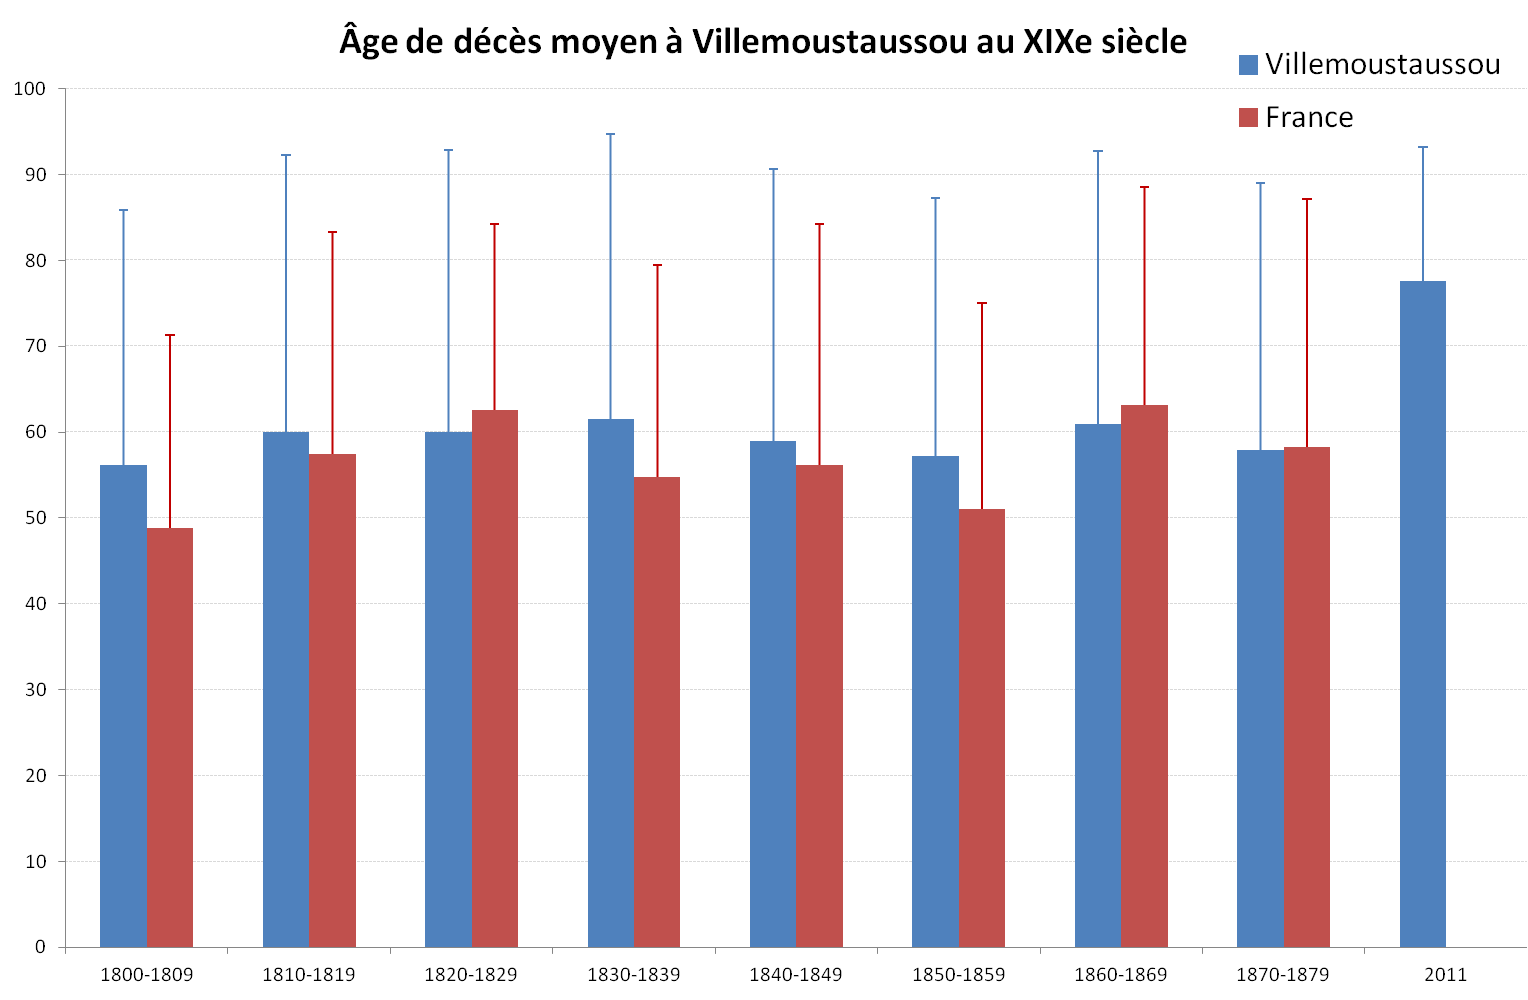 Villemoustaussou-deces-age-moyen-adultes